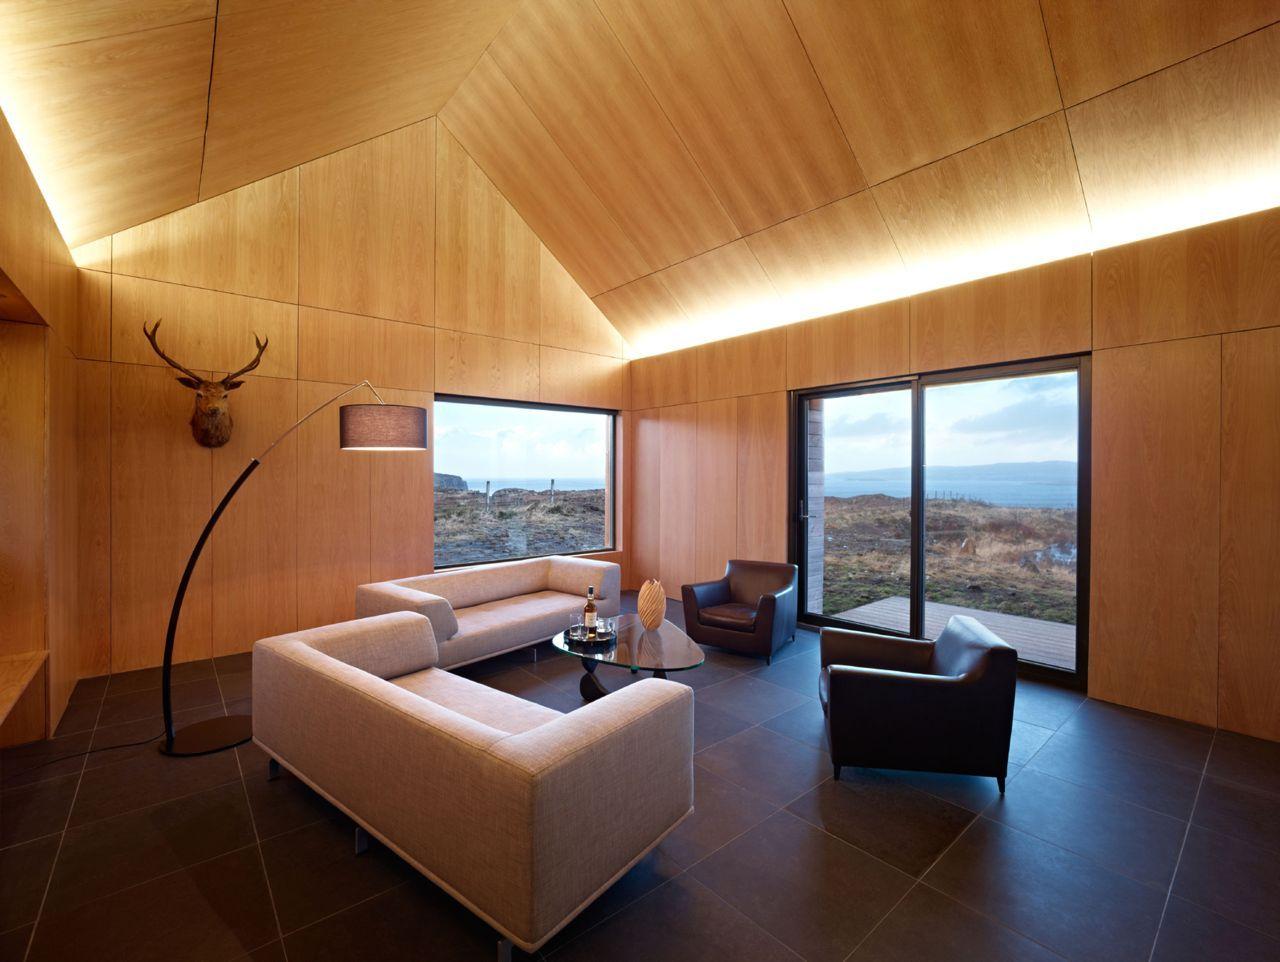 Потолок из фанеры в доме